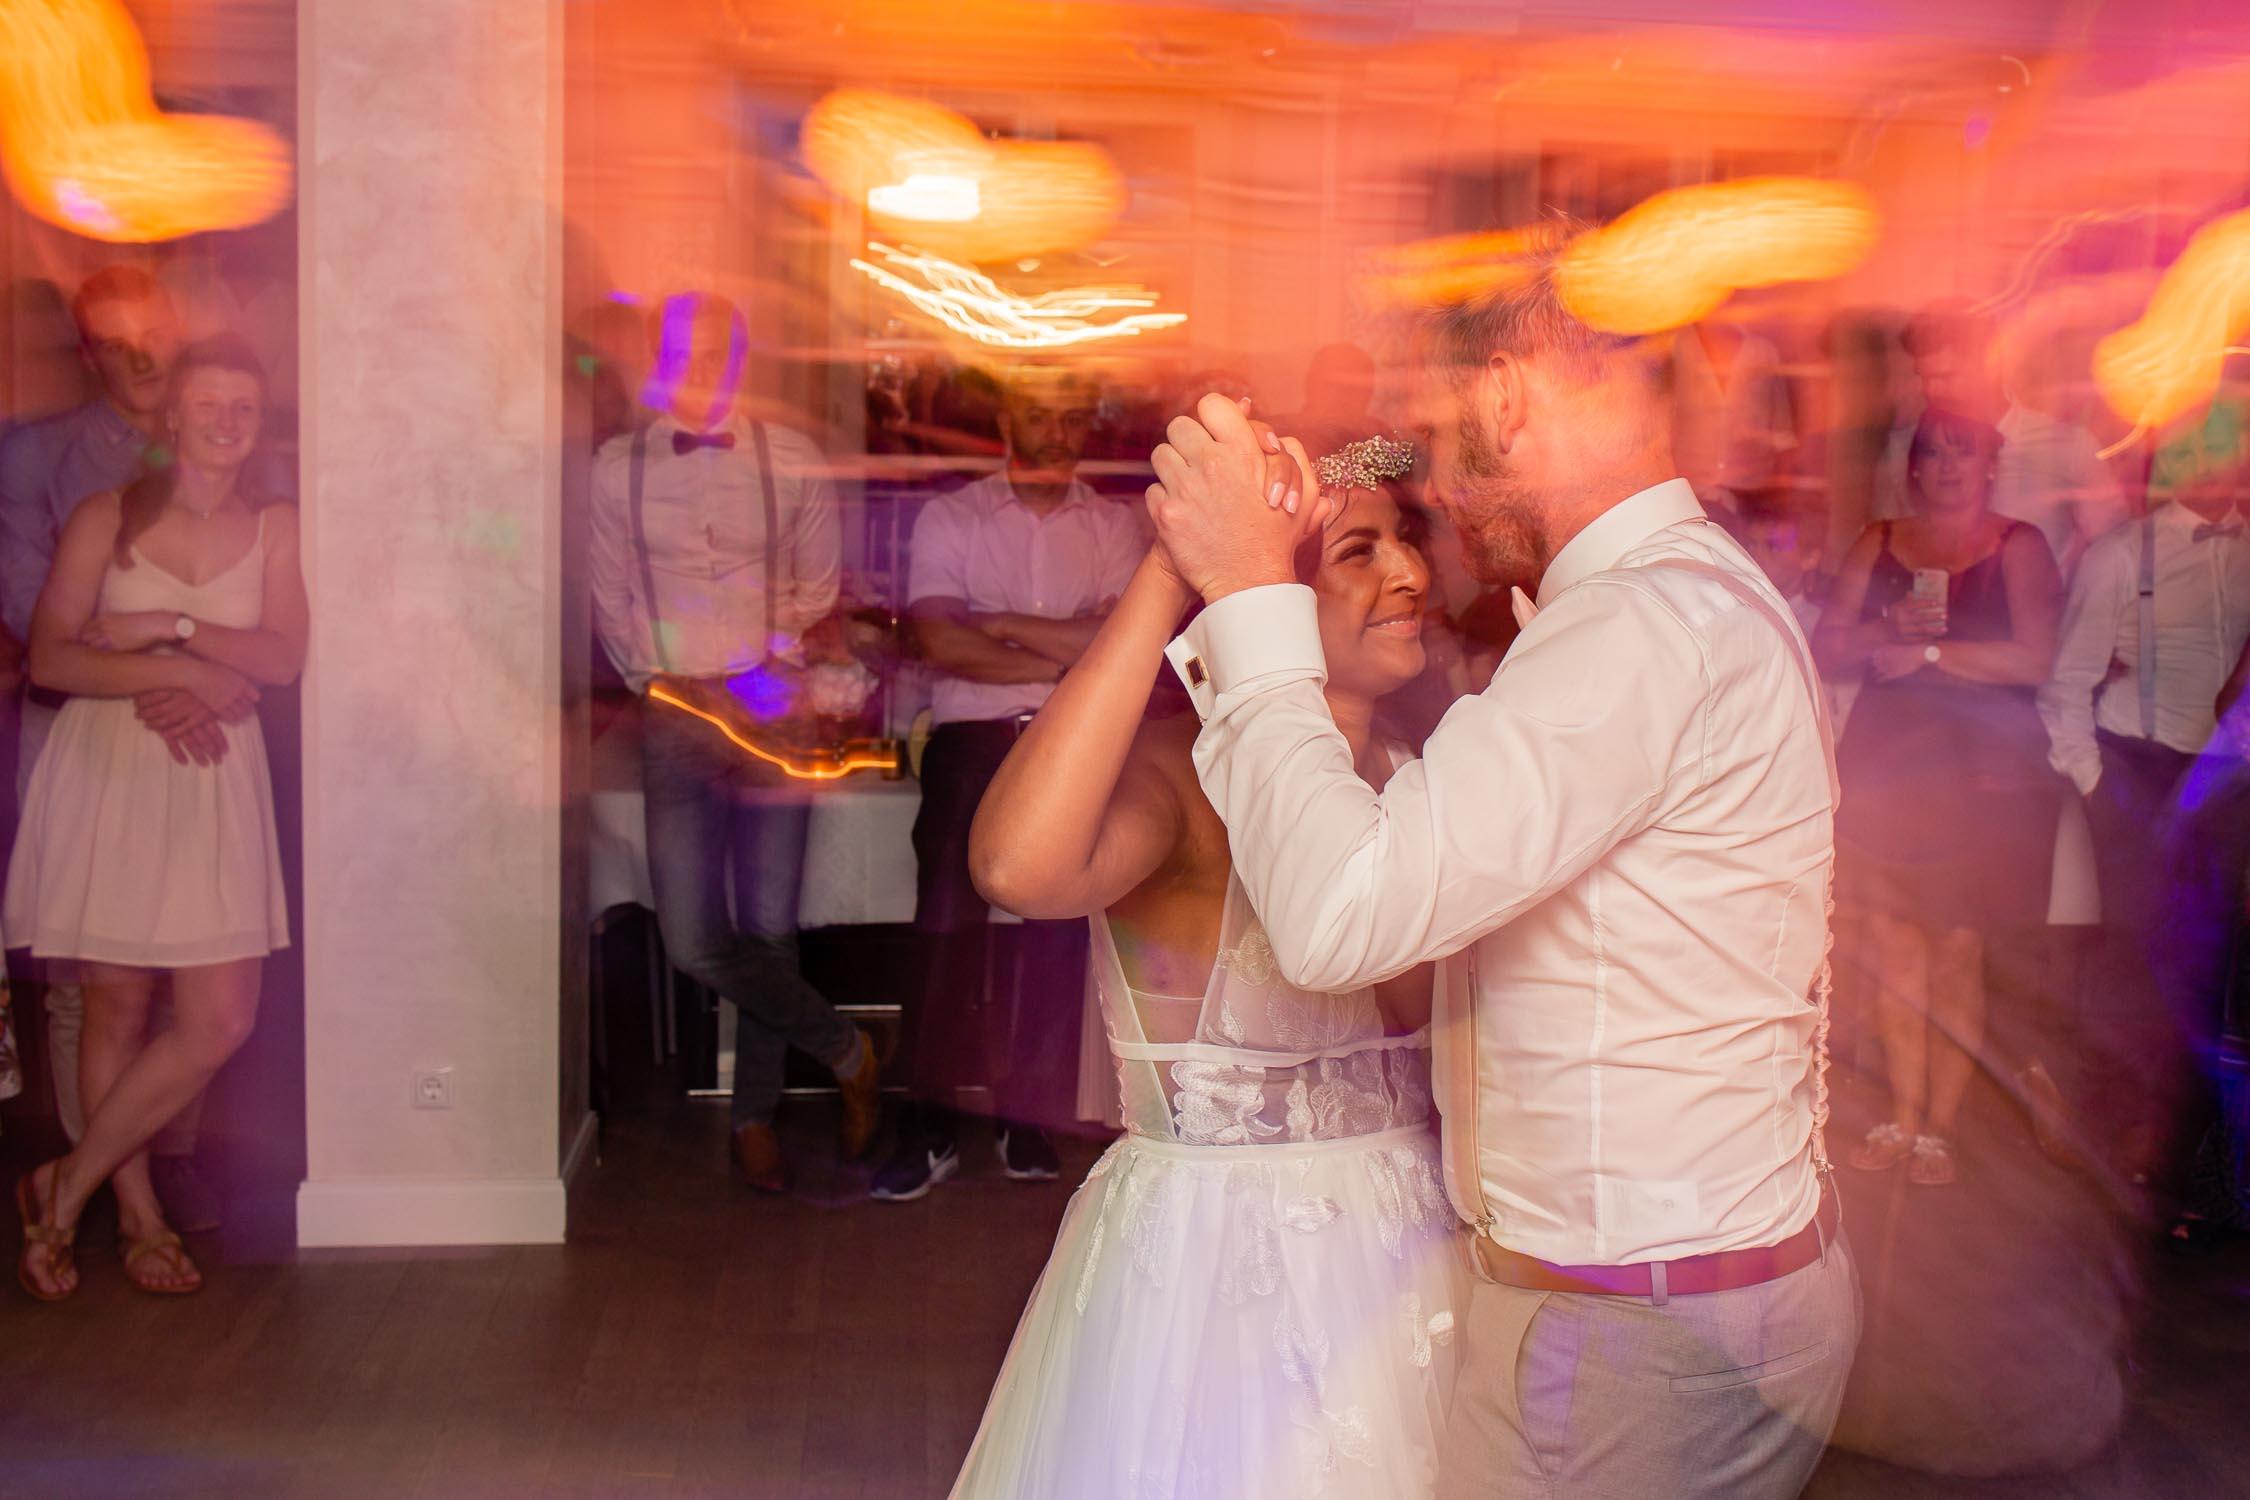 Authentische Hochzeitsfotografie Hochzeitsfotograf Koeln Andre Bastos Fotoggrafie 46 min – gesehen bei frauimmer-herrewig.de